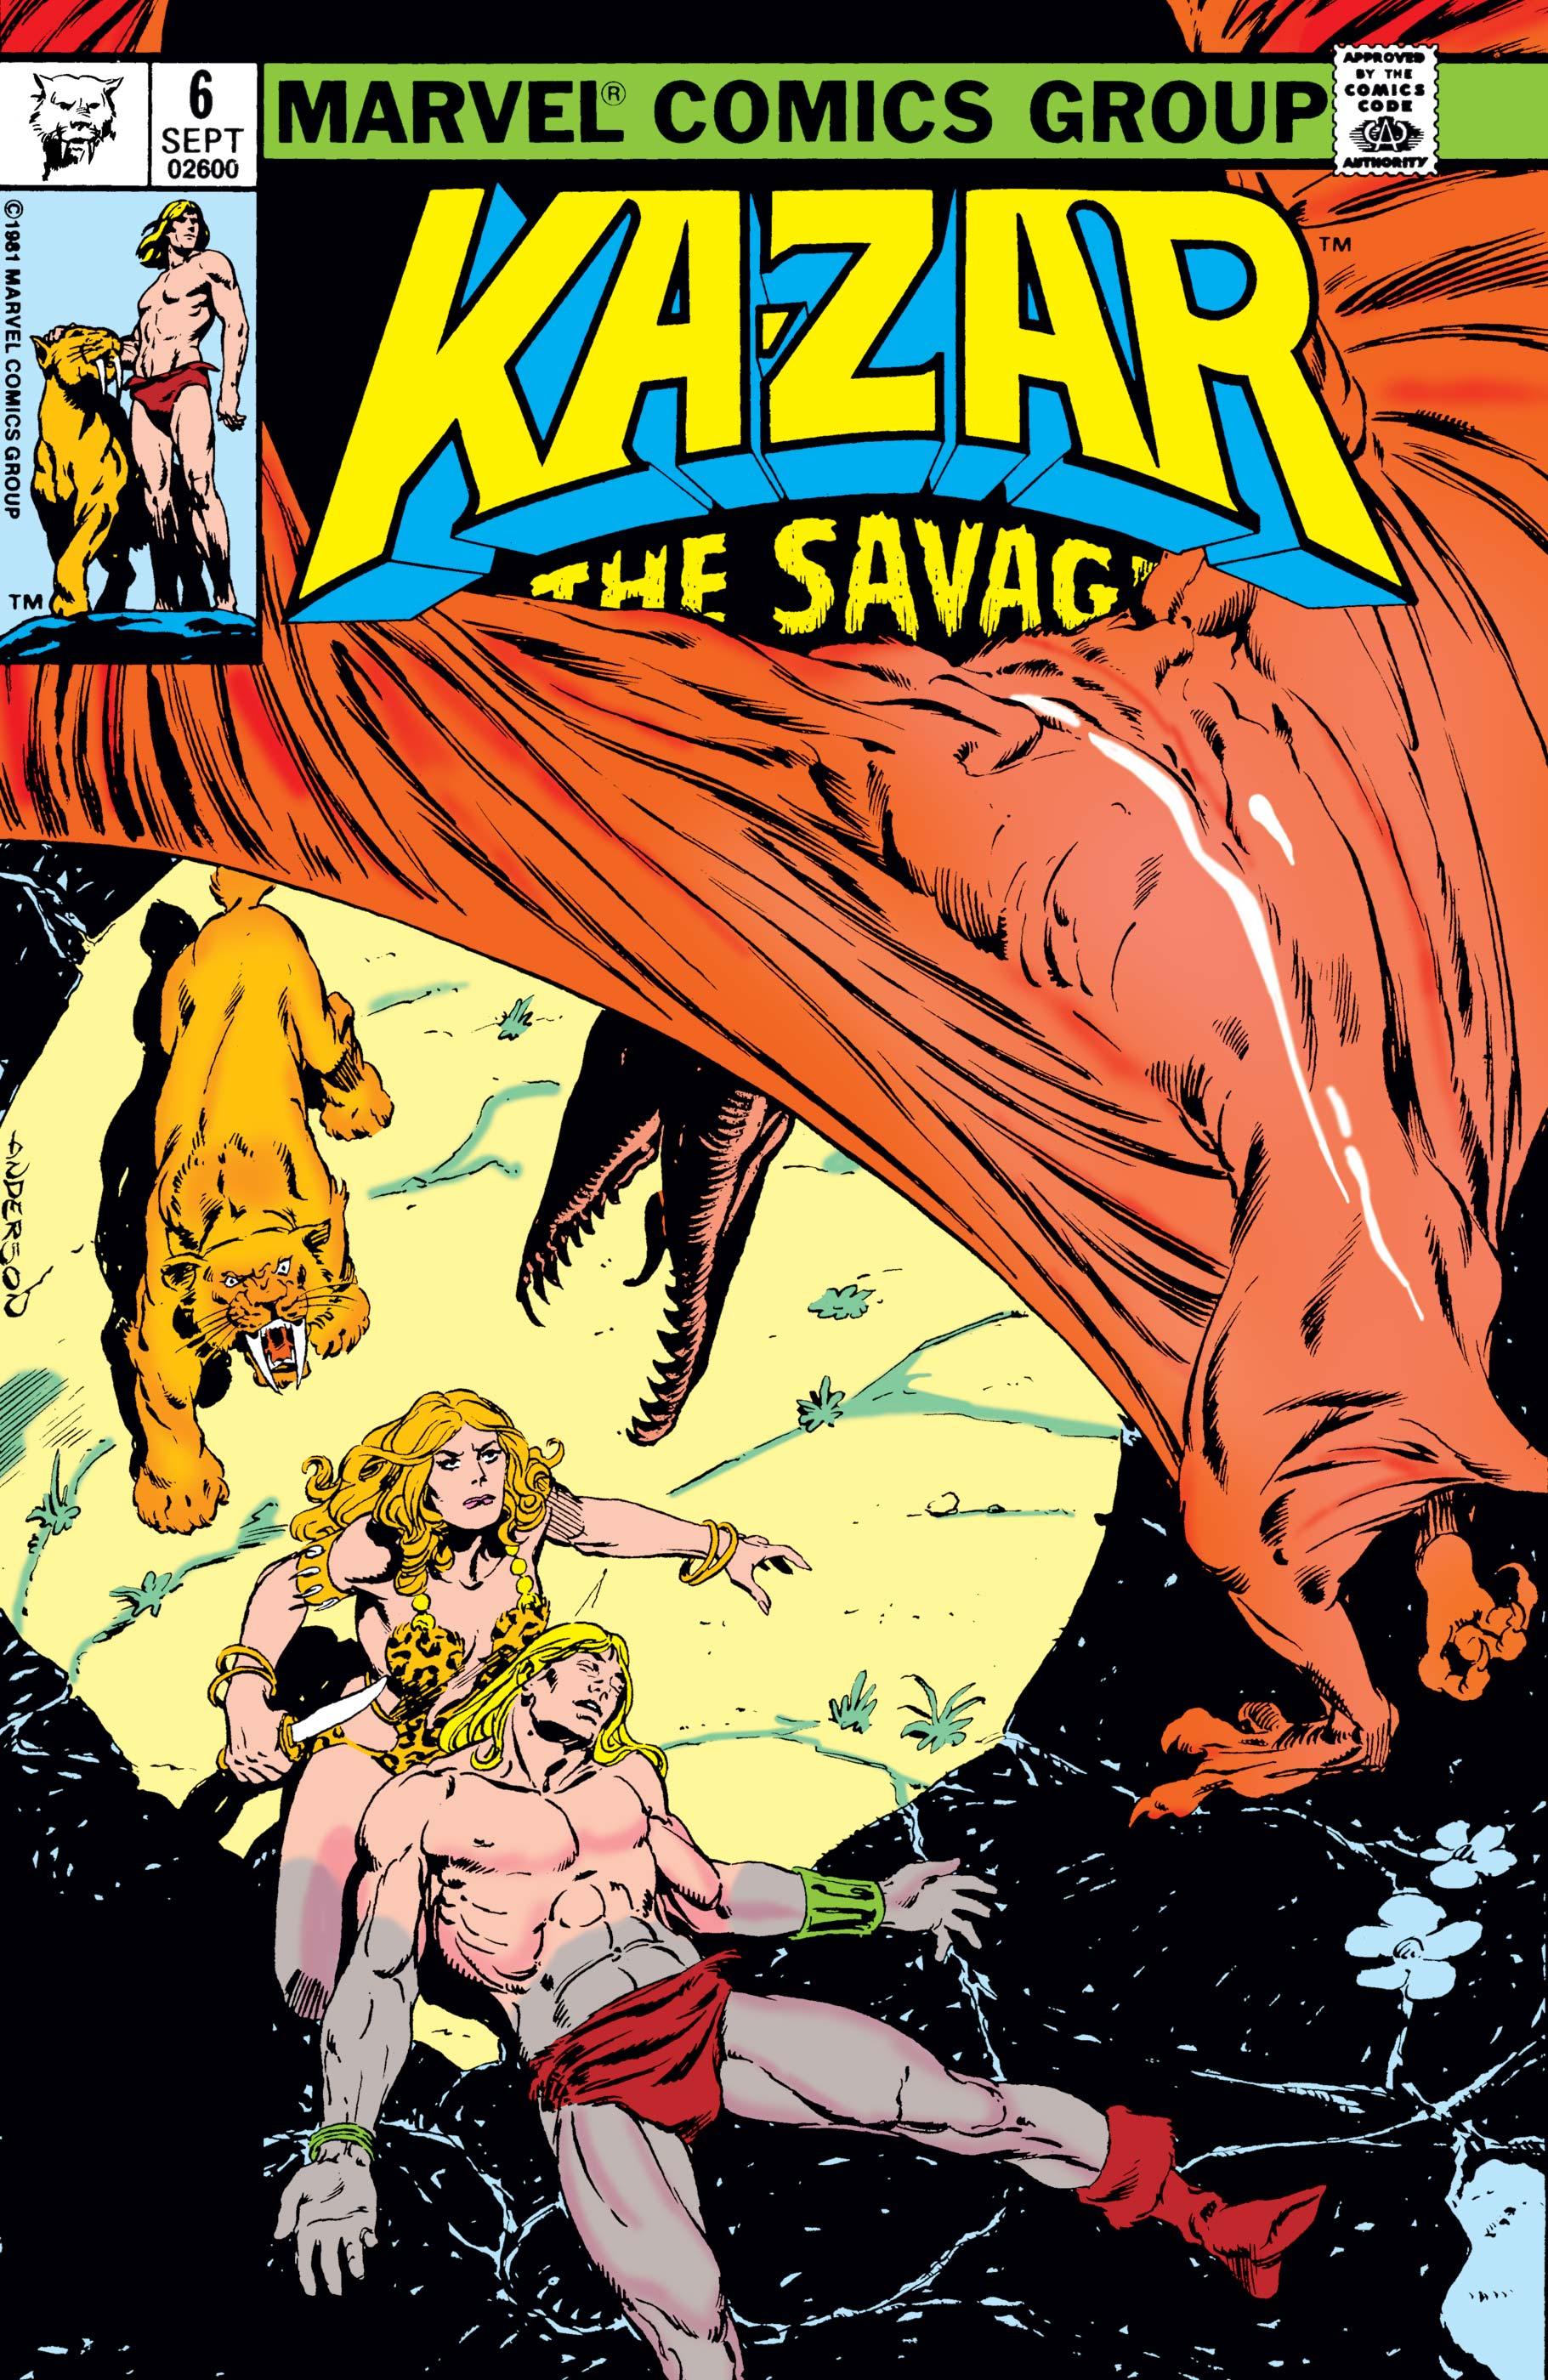 Ka-Zar (1981) #6